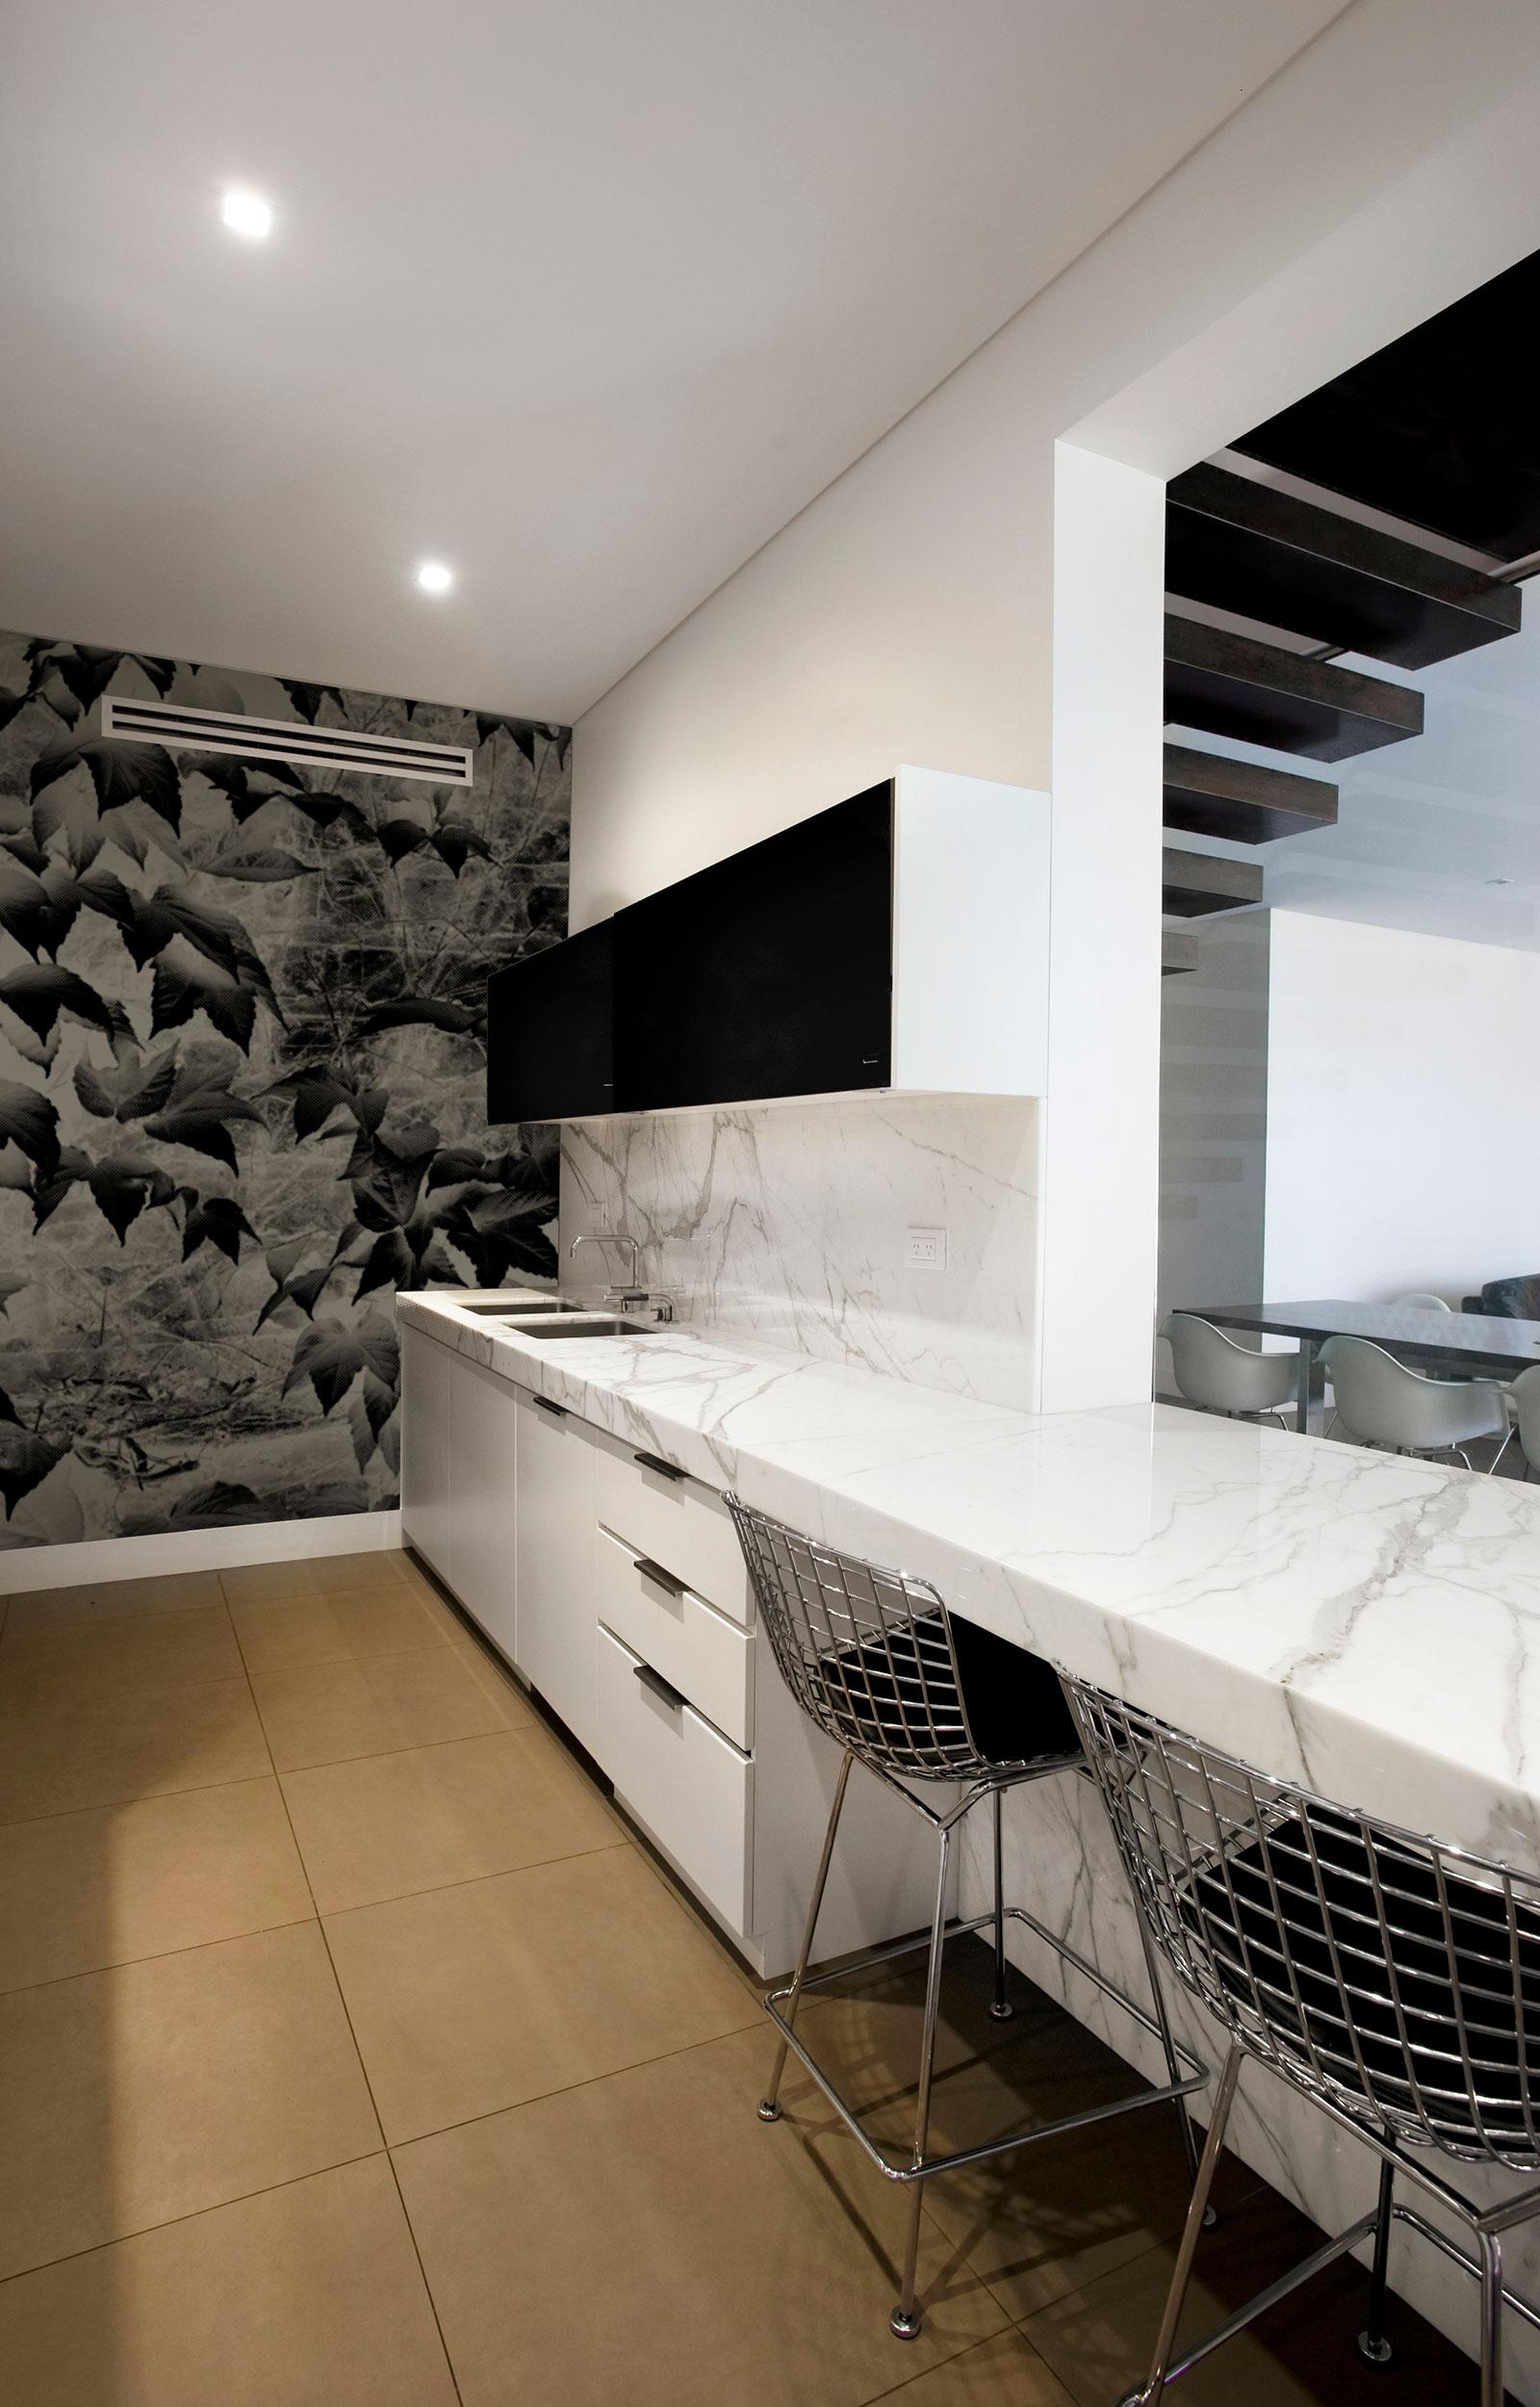 enoki-interior-AdelaideRes-3.jpg